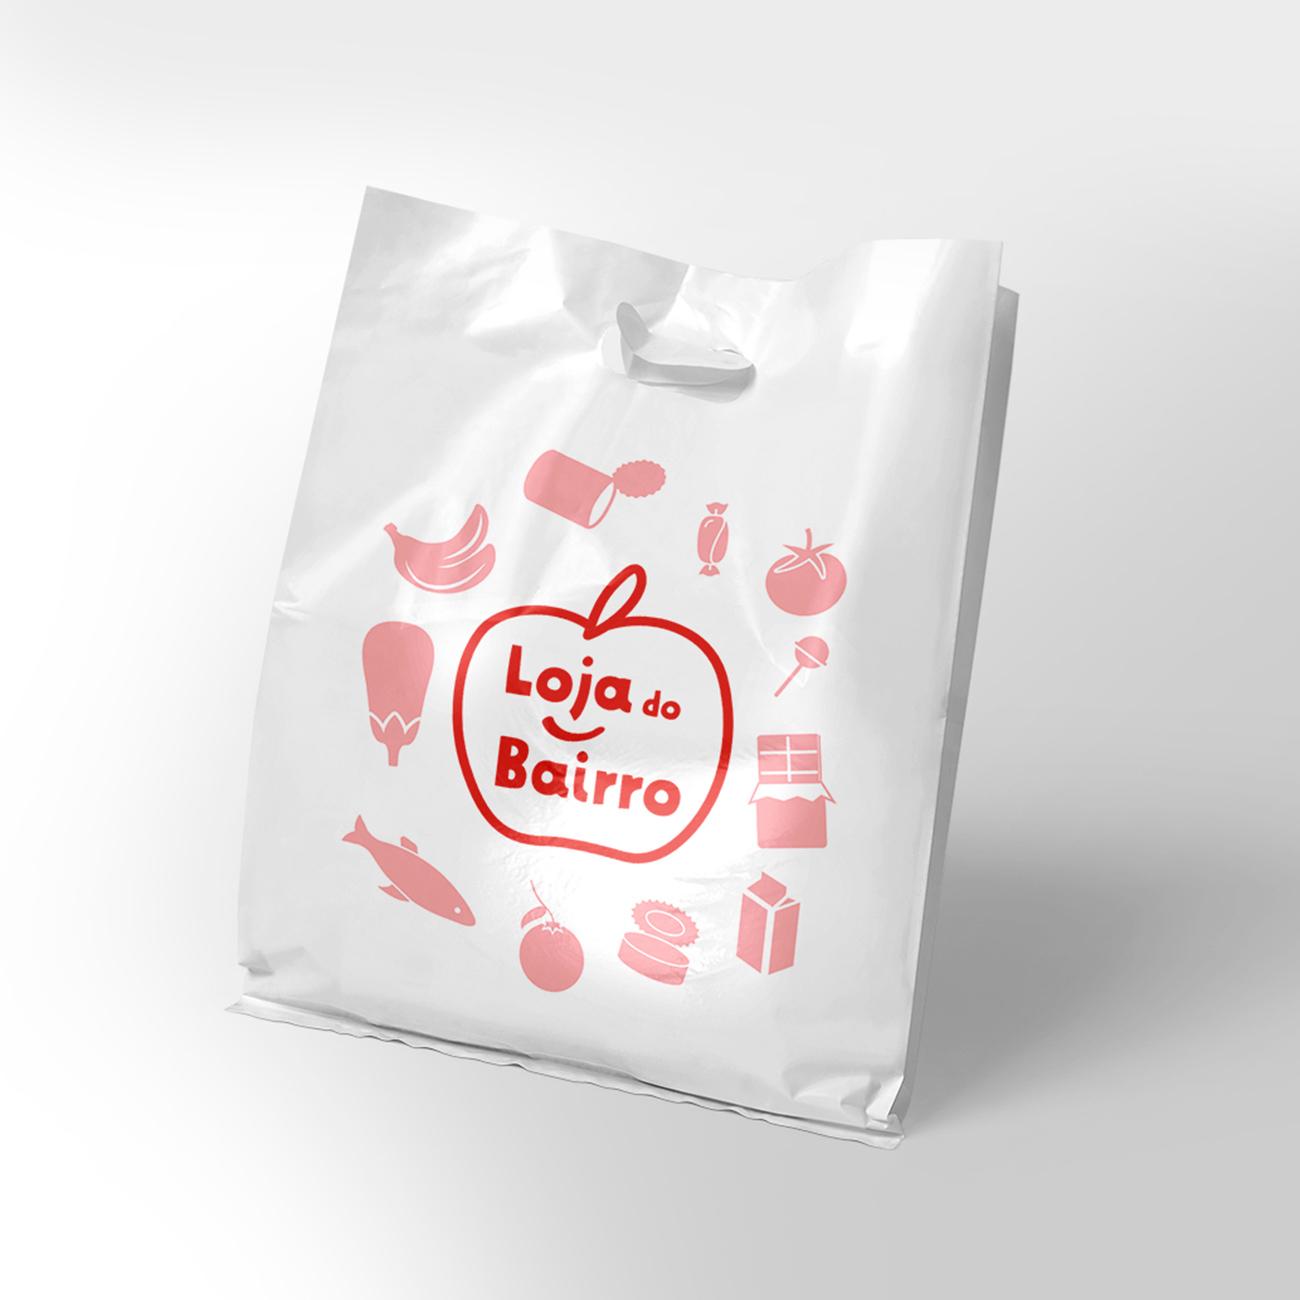 Logotipo em saco